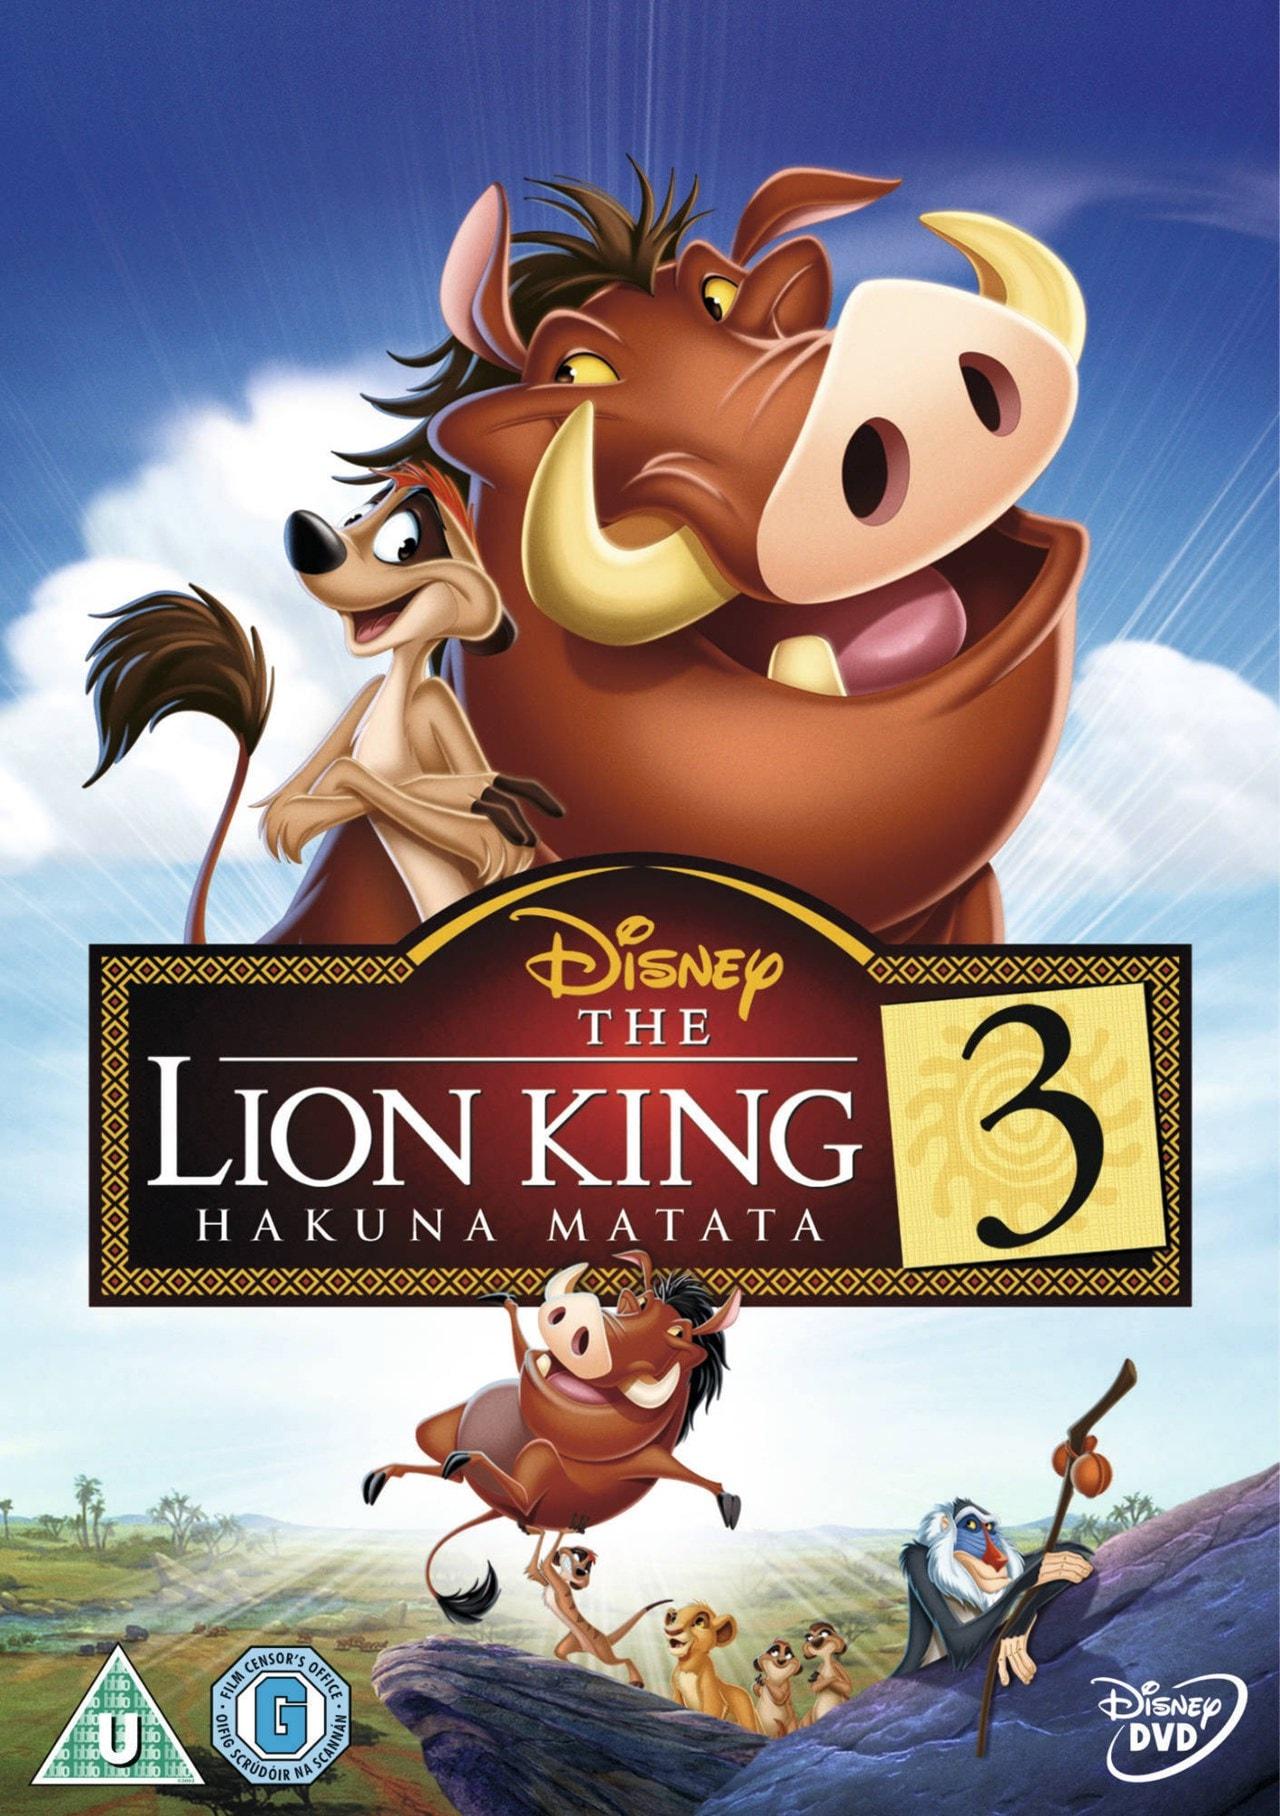 The Lion King 3 - Hakuna Matata - 1